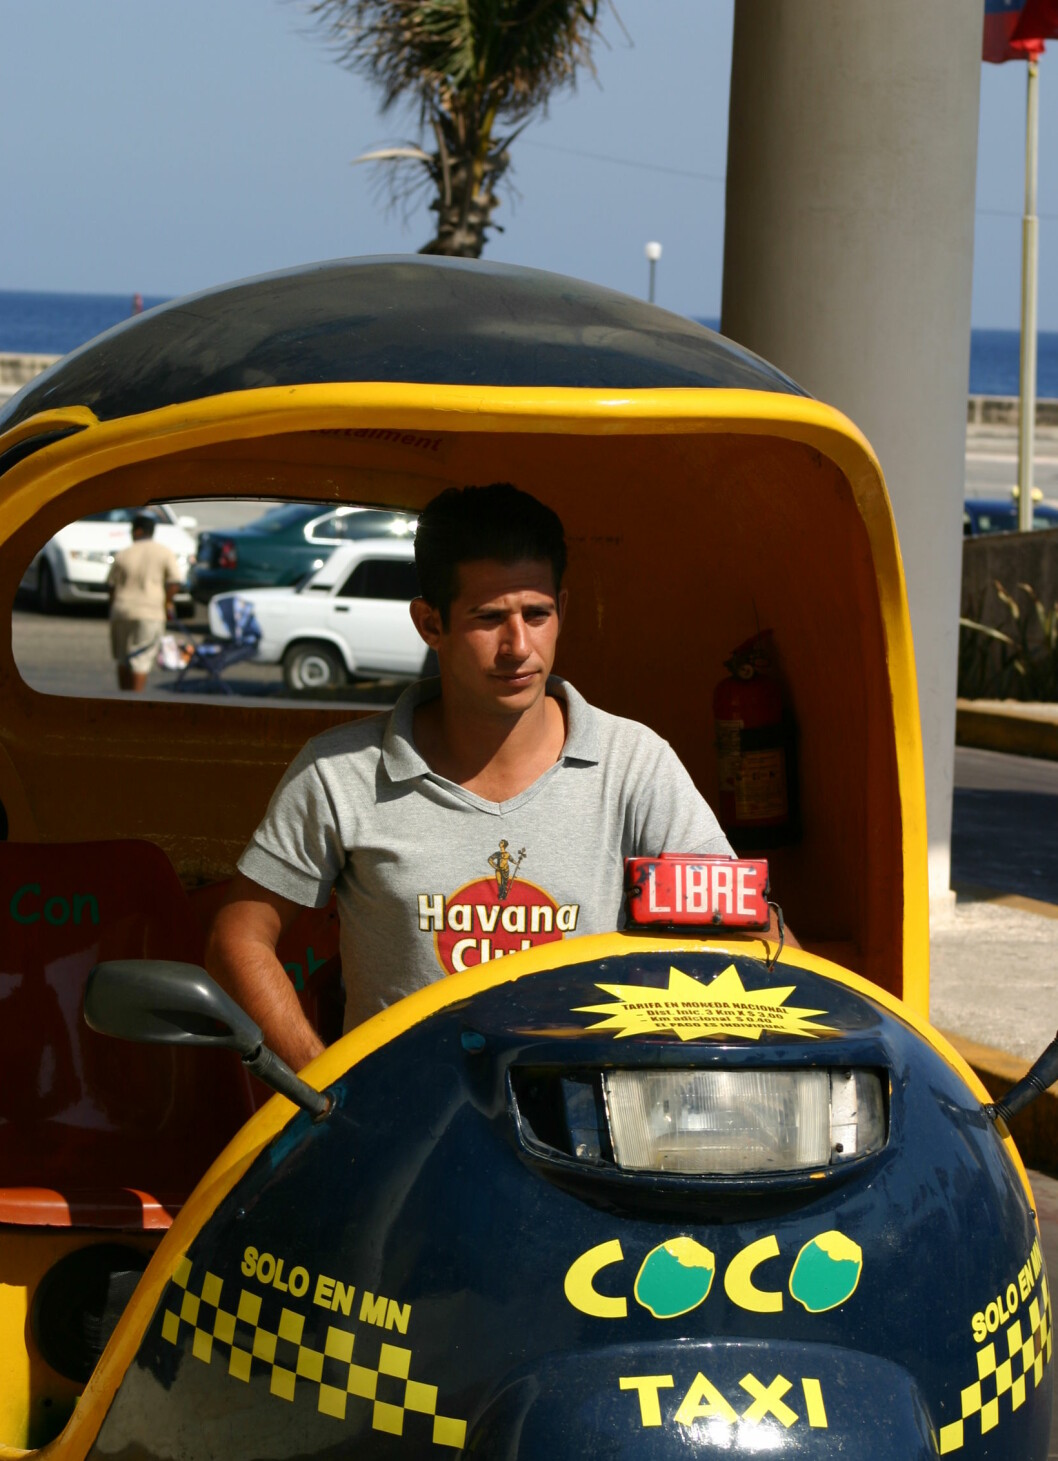 Coco-taxi - bråkete, men moro. Foto: Tove Andersson